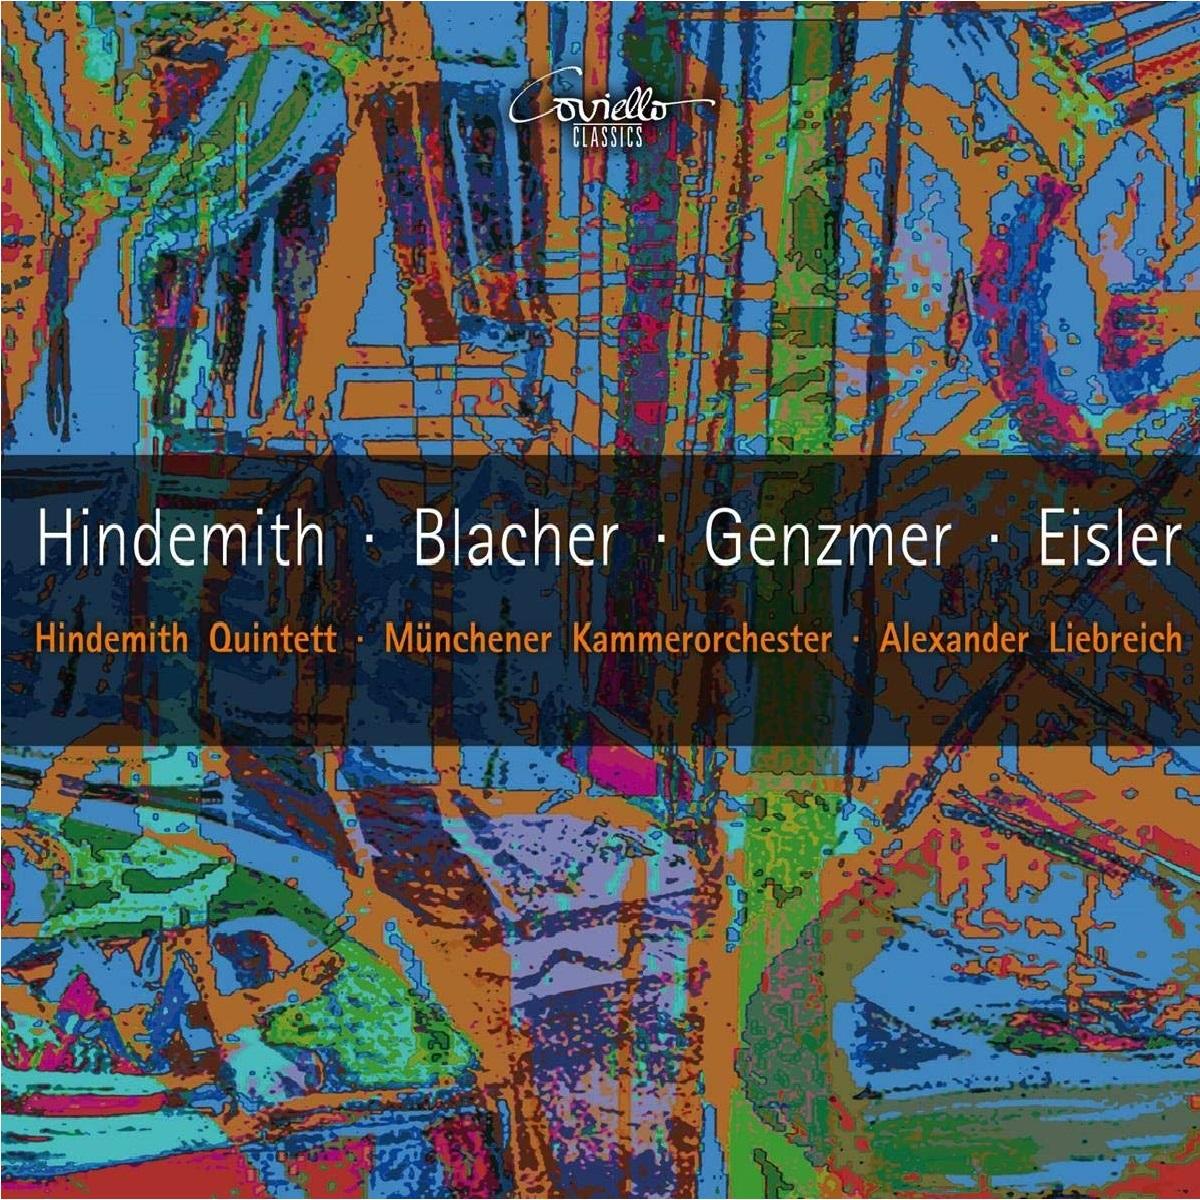 Coviello_Hindemith Blacher Genzmer Eisler Cover